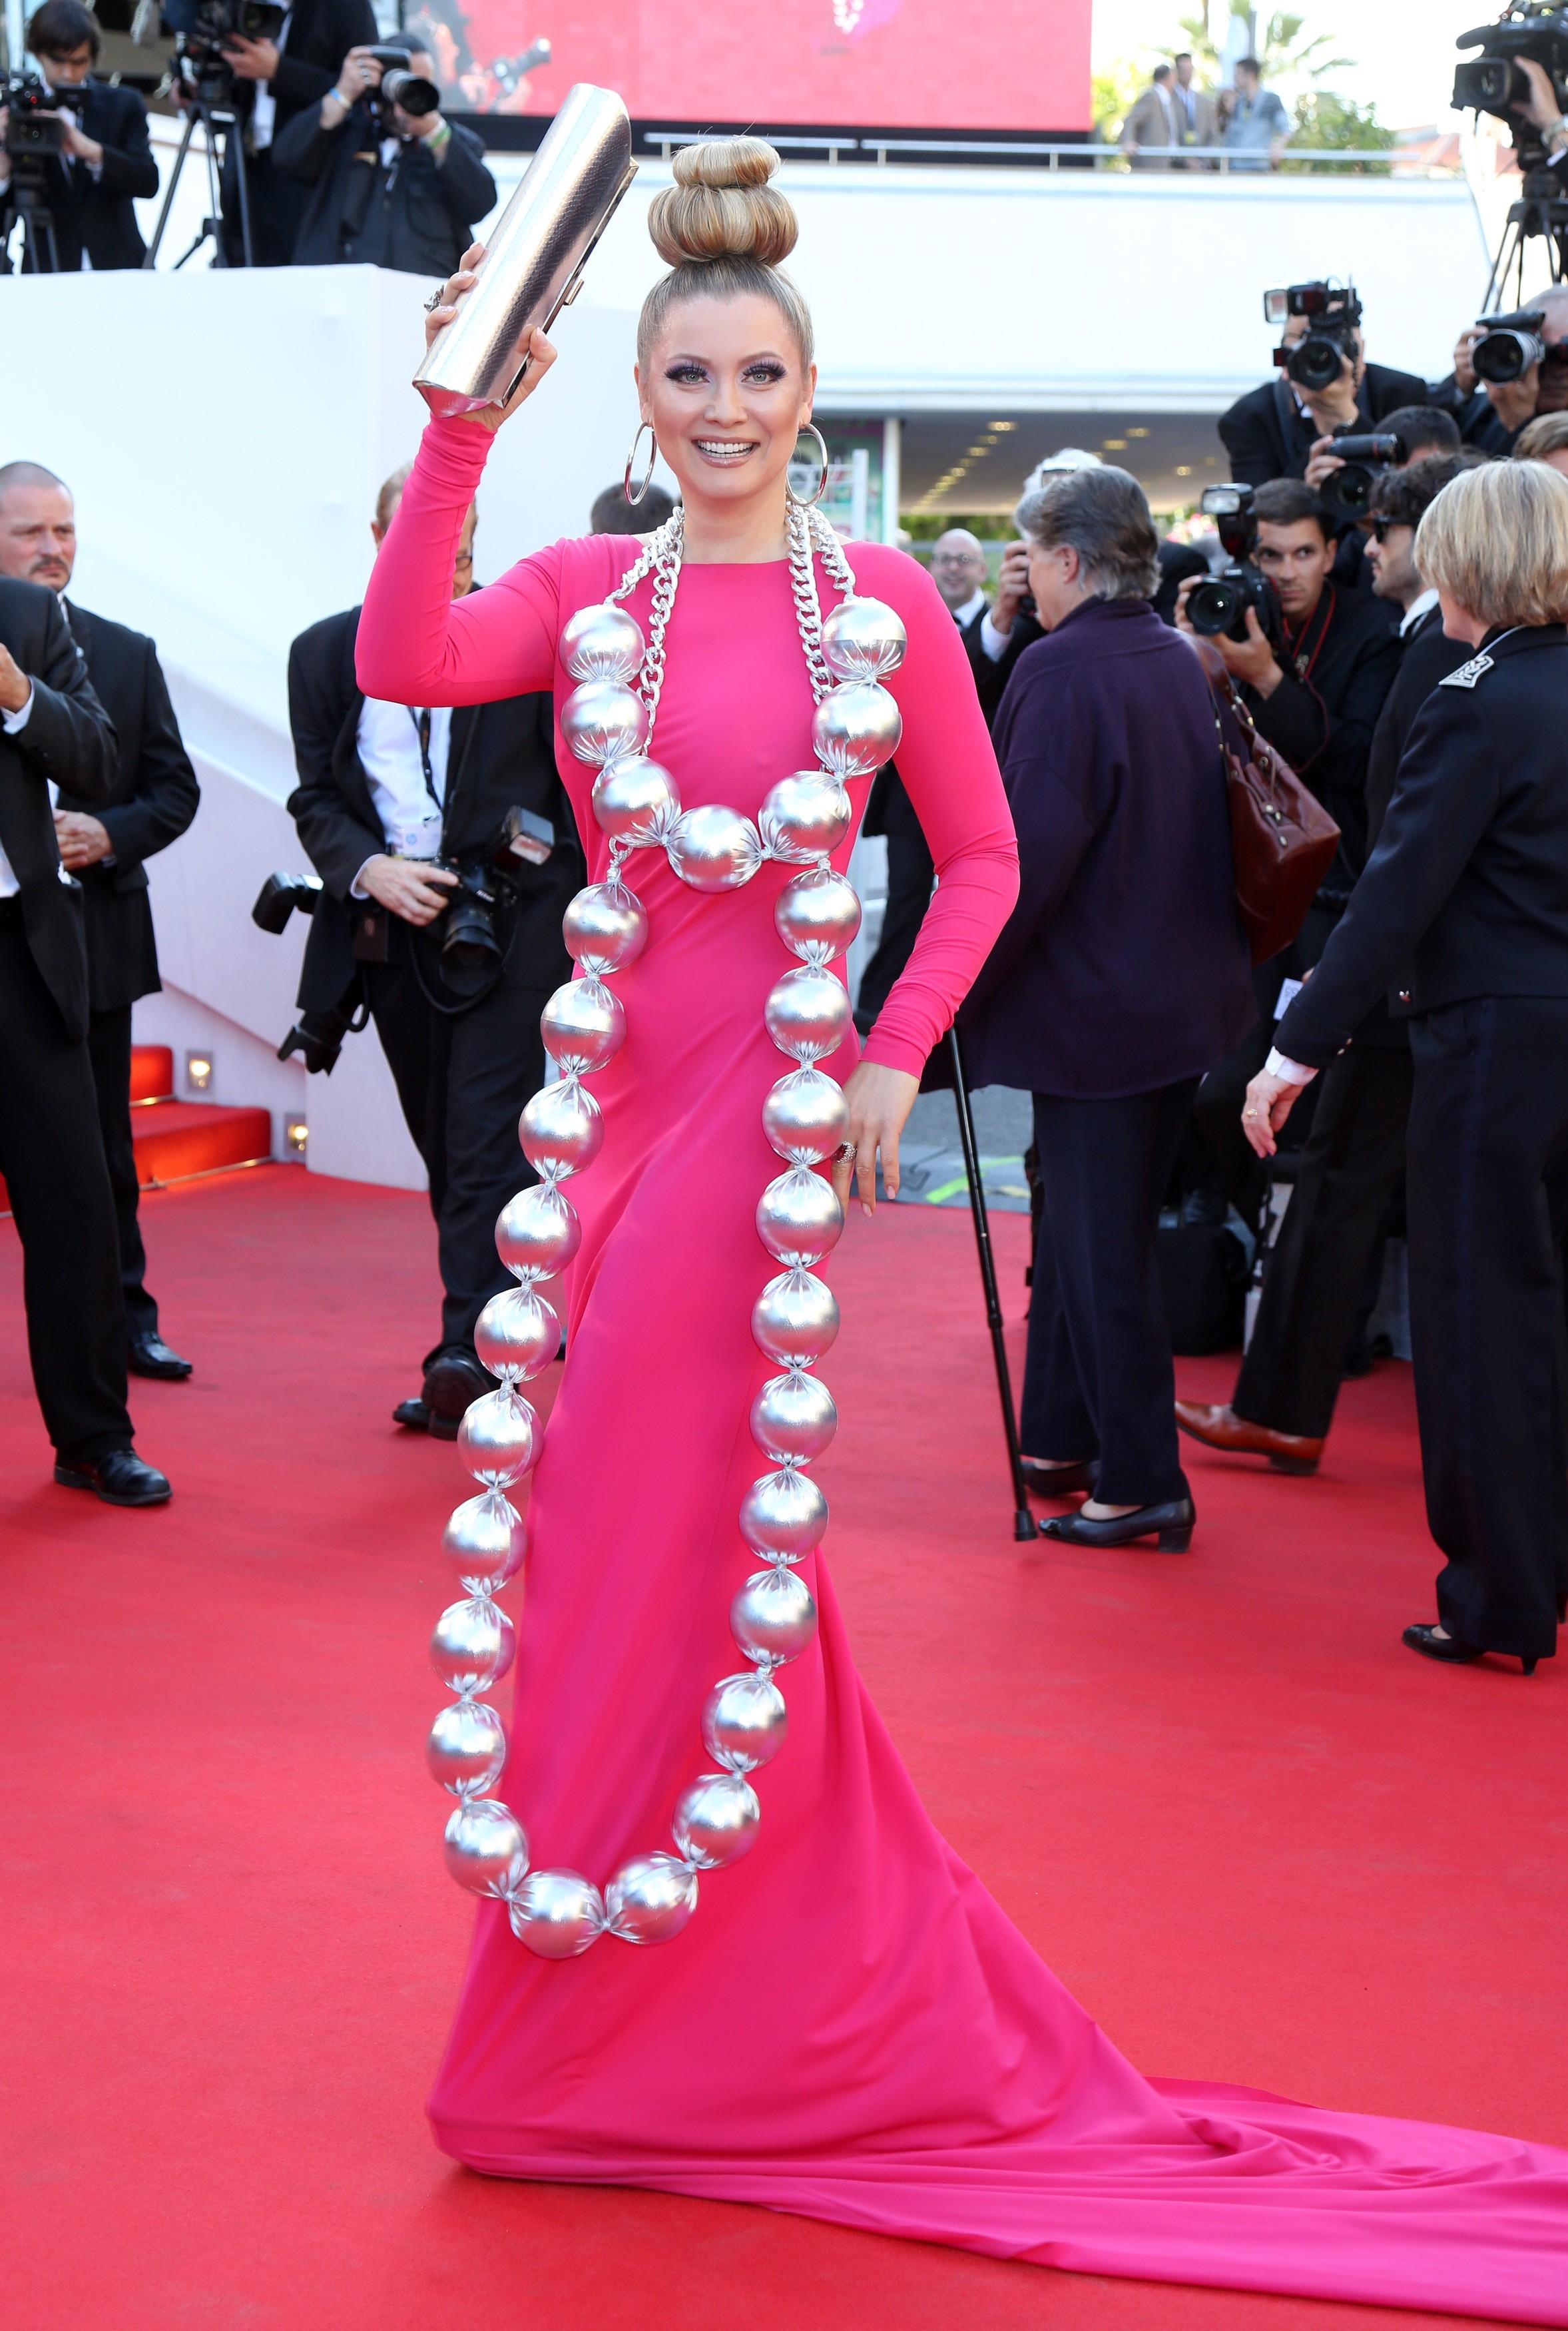 Лена Ленина в платье дизайнера Галии Ахматовой на Каннском фестивале-2014. Фото: EAST NEWS.